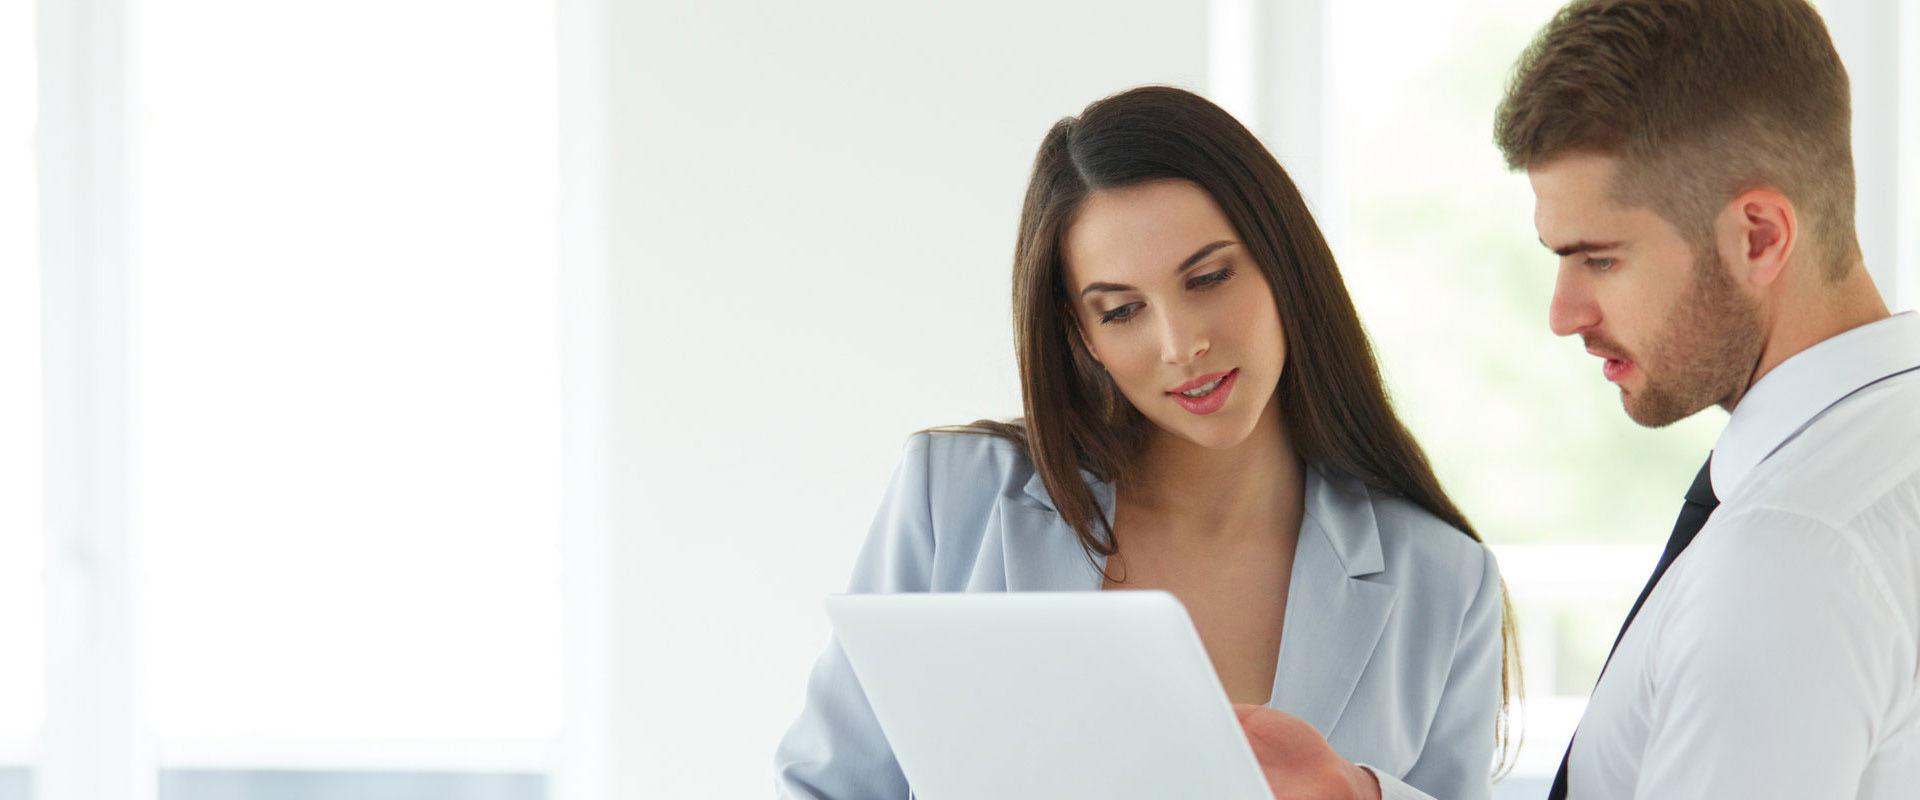 Kredyt - konieczność czy bezsilność?